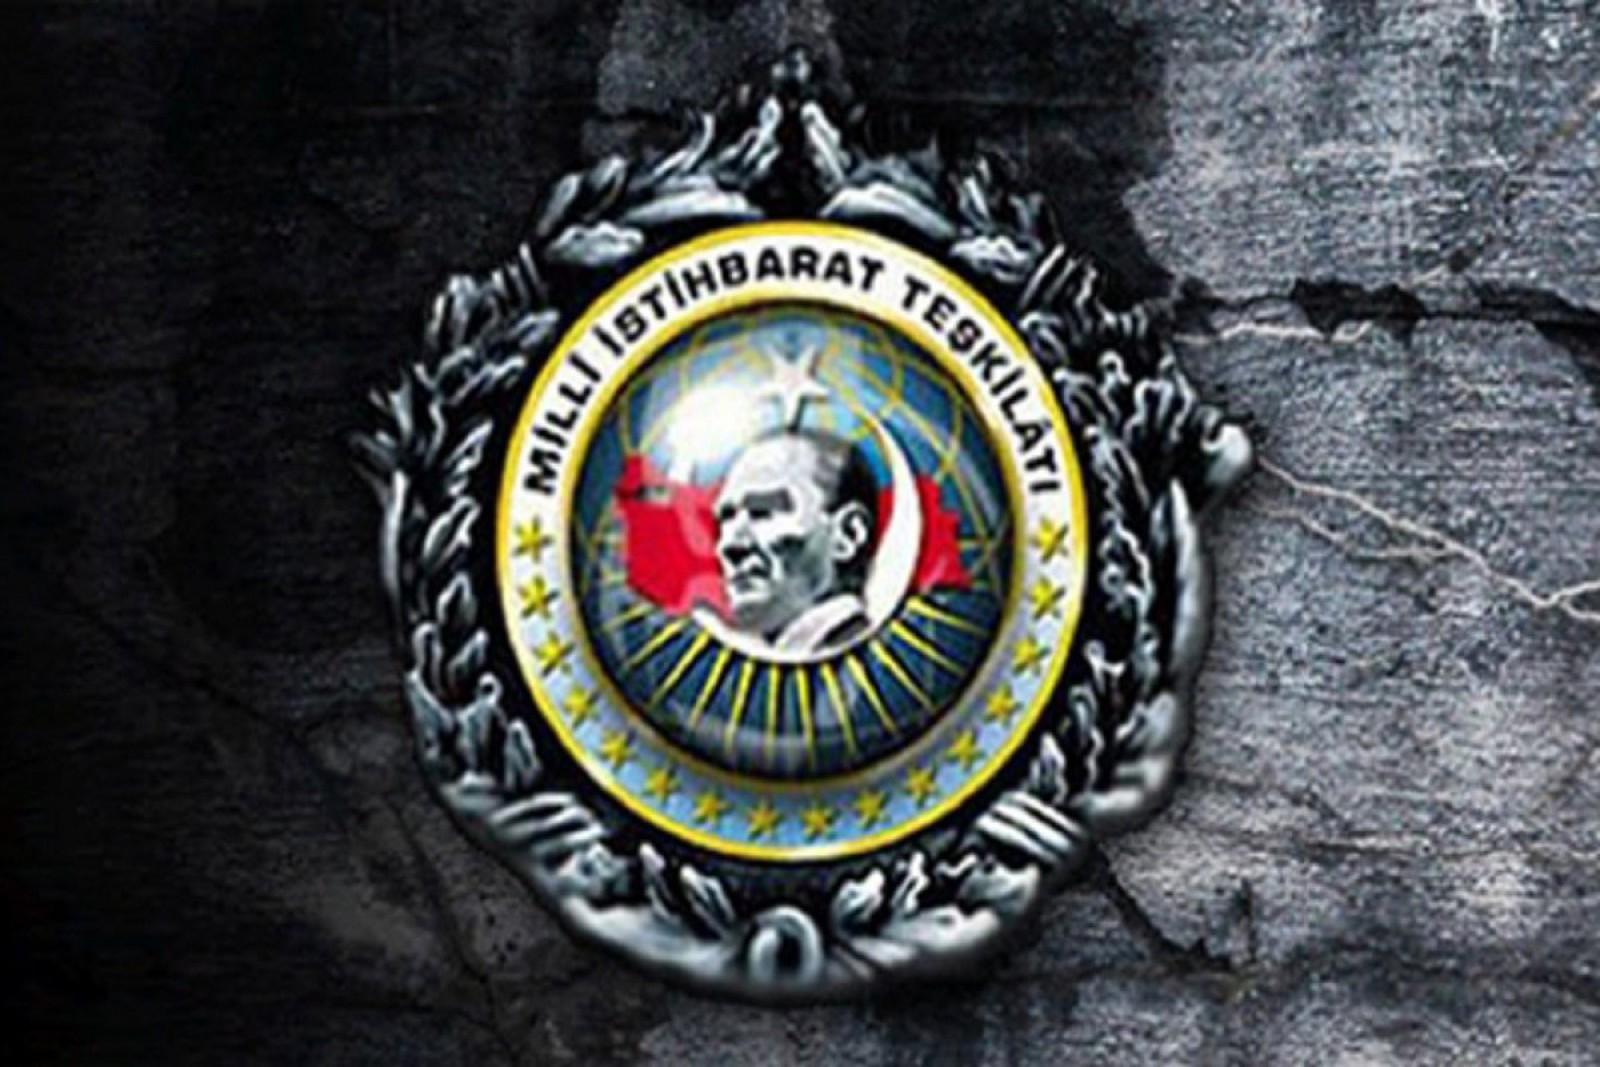 Presa pro-guvernamentală din Turcia: Serviciul secret turcesc (MIT) a realizat o operațiune de succes în Republica Moldova